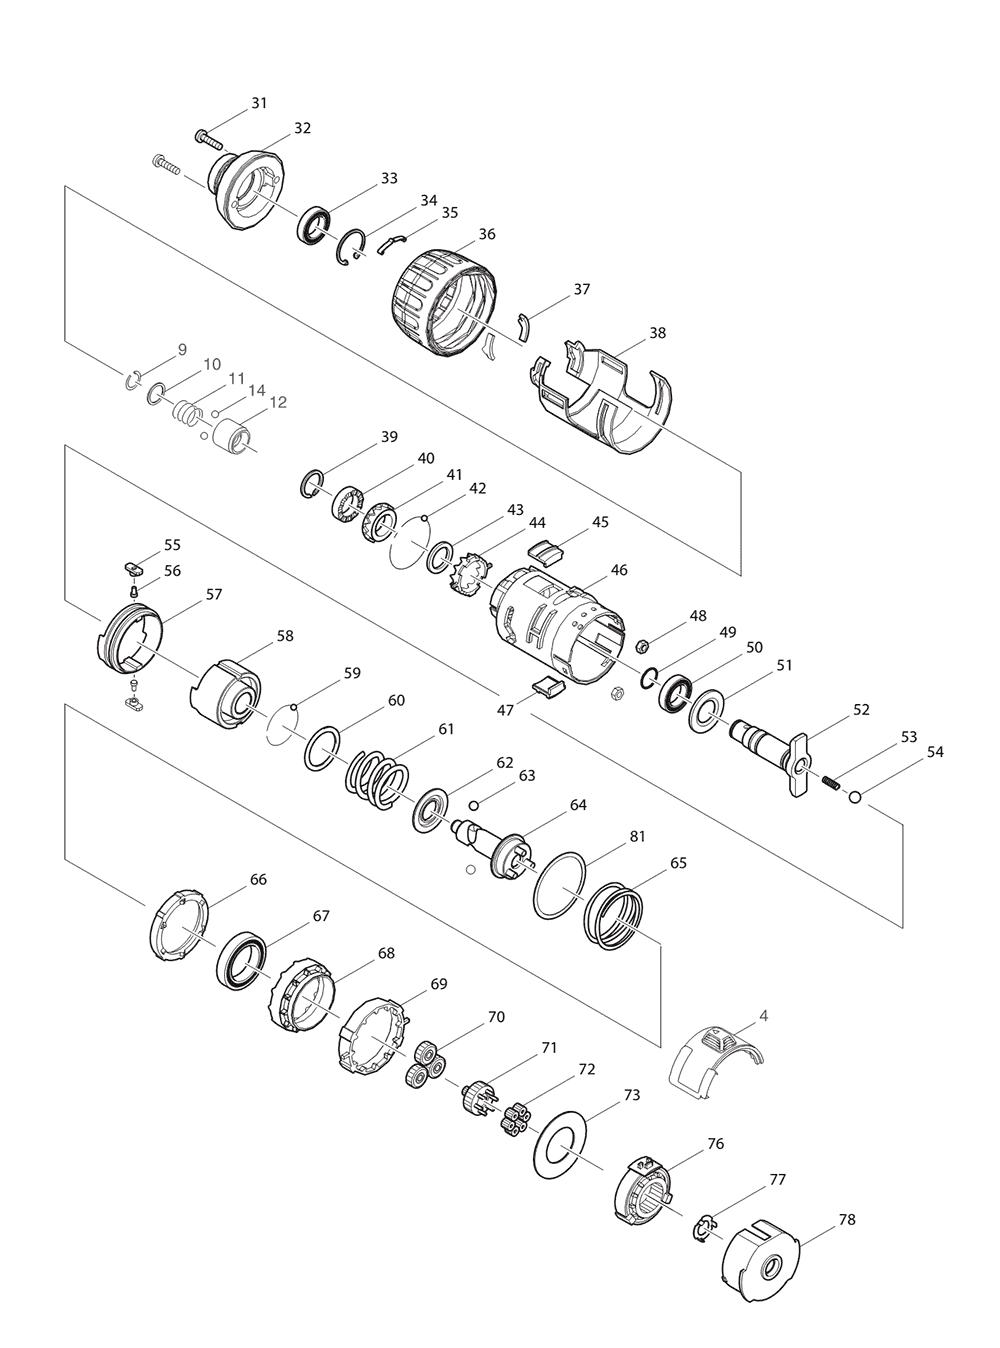 BTP140-T3-Makita-PB-1Break Down